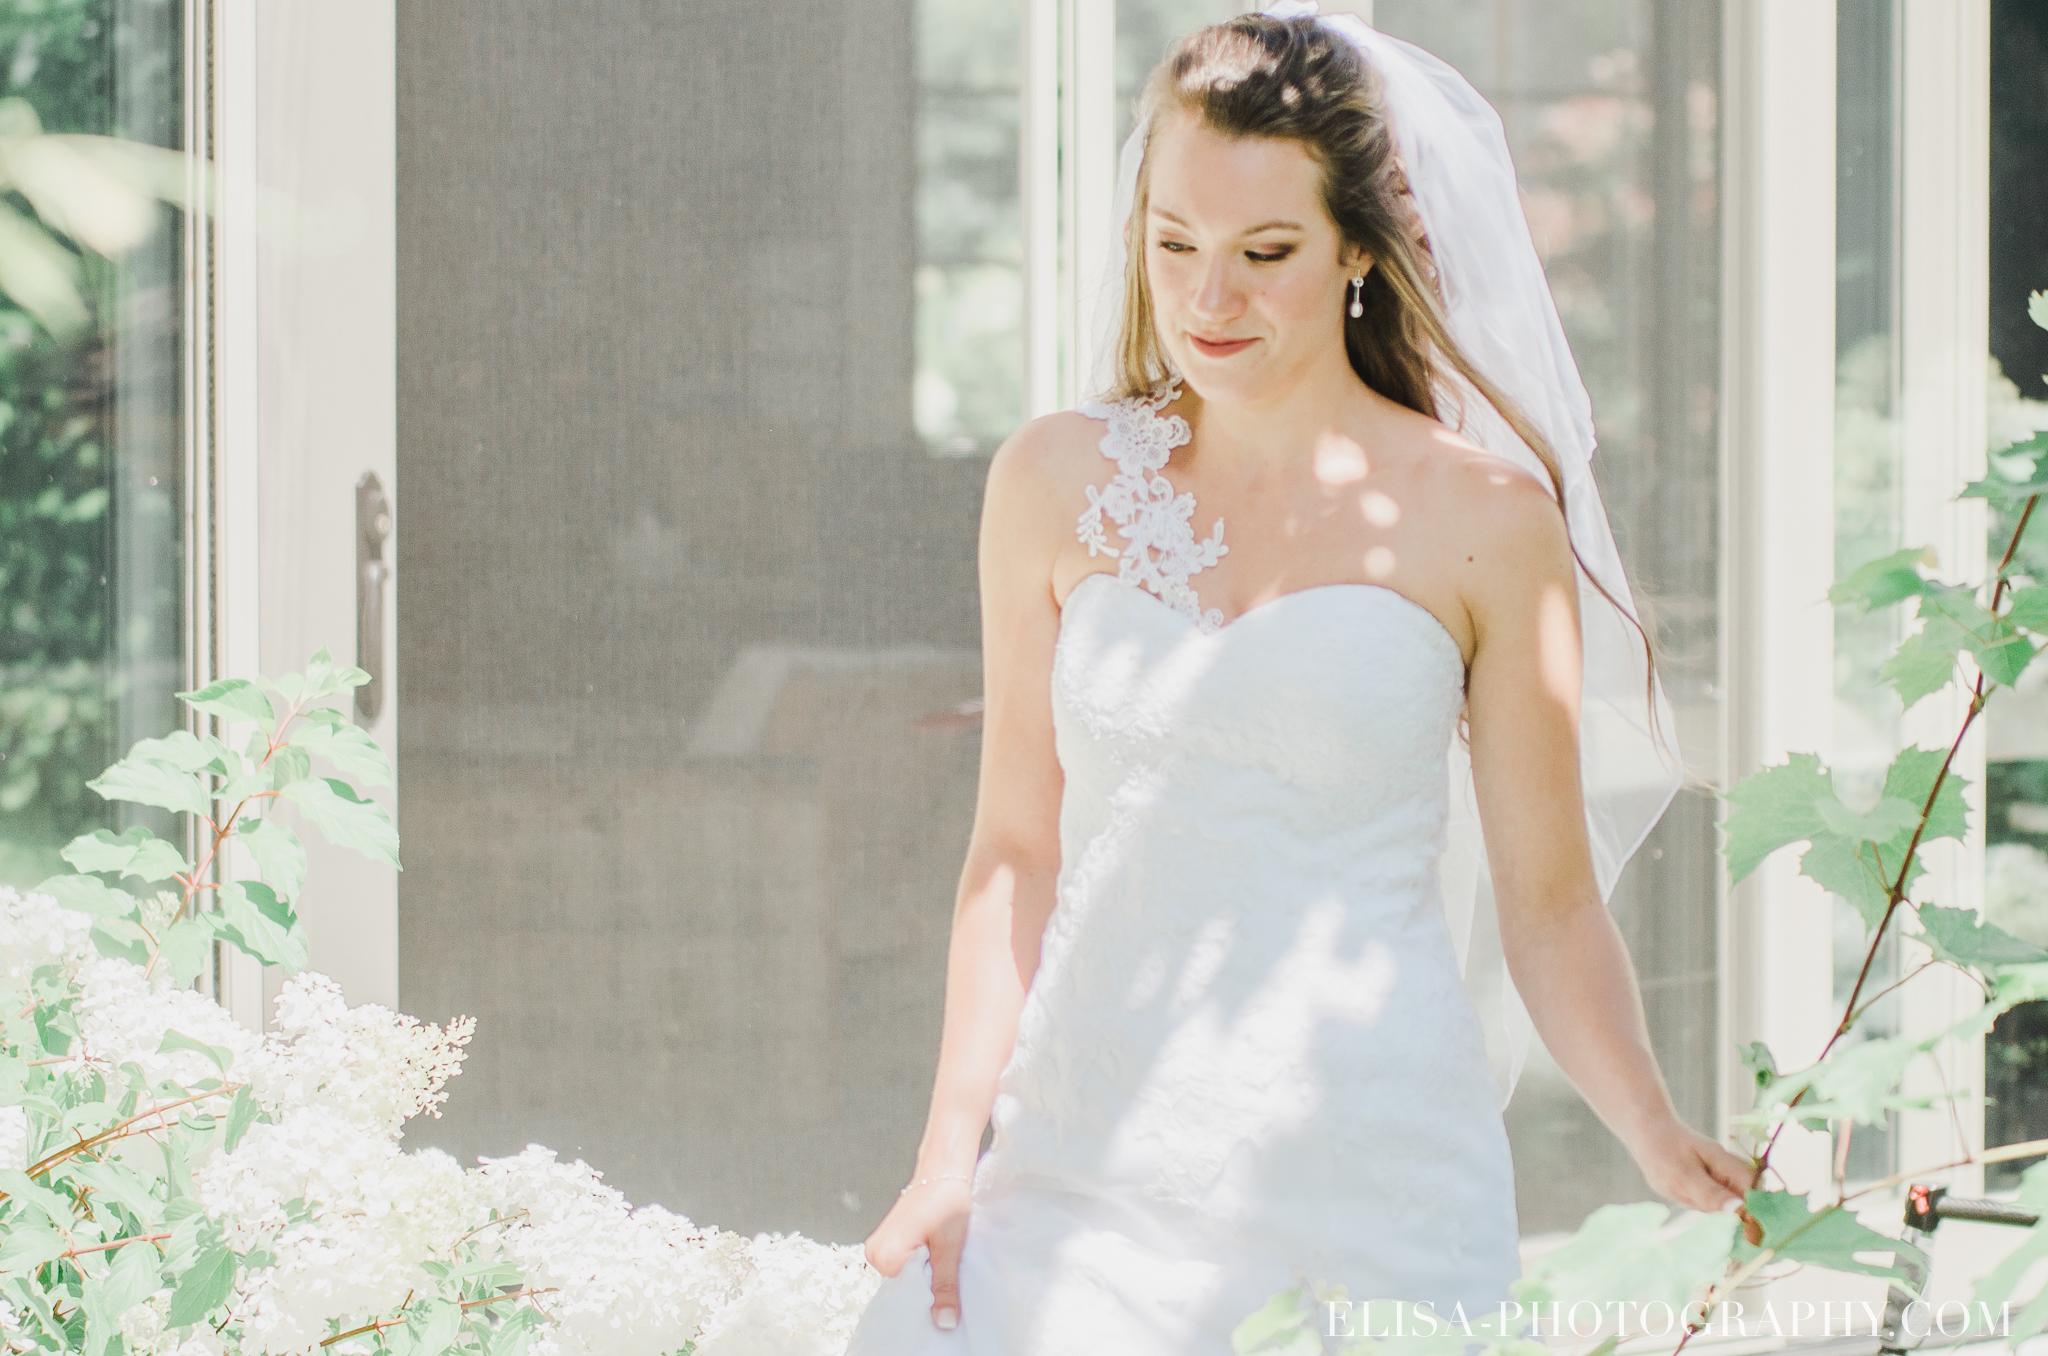 photo mariage grange rouge quebec first look 0070 - Mariage coloré à la grange rouge de Brompton